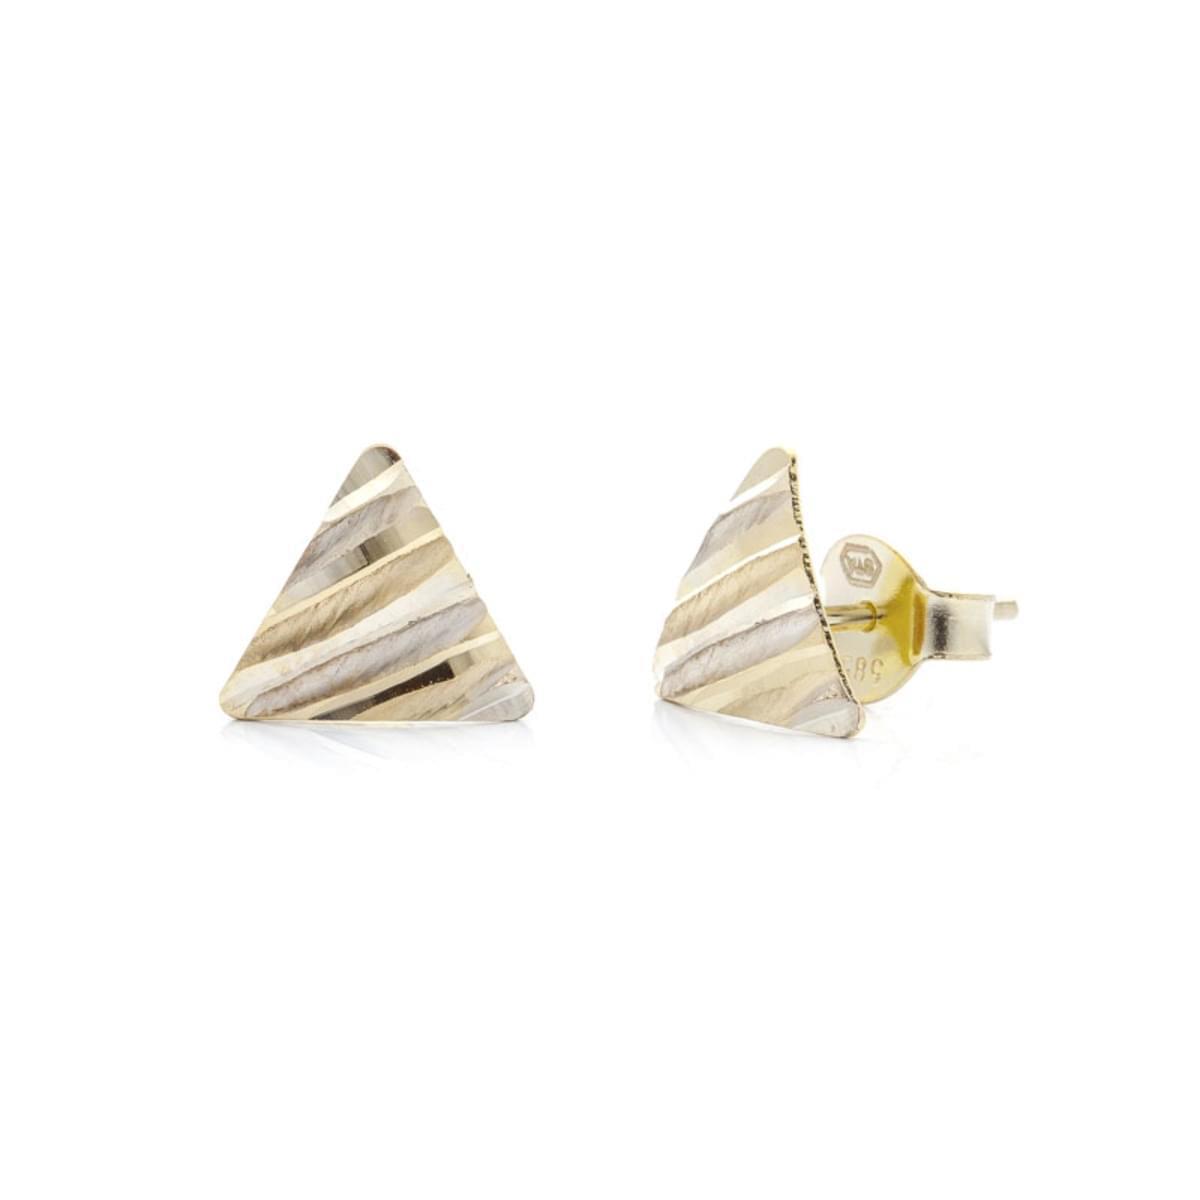 b65216ece Kombinované zlaté náušnice trojuholníky - Silvertime